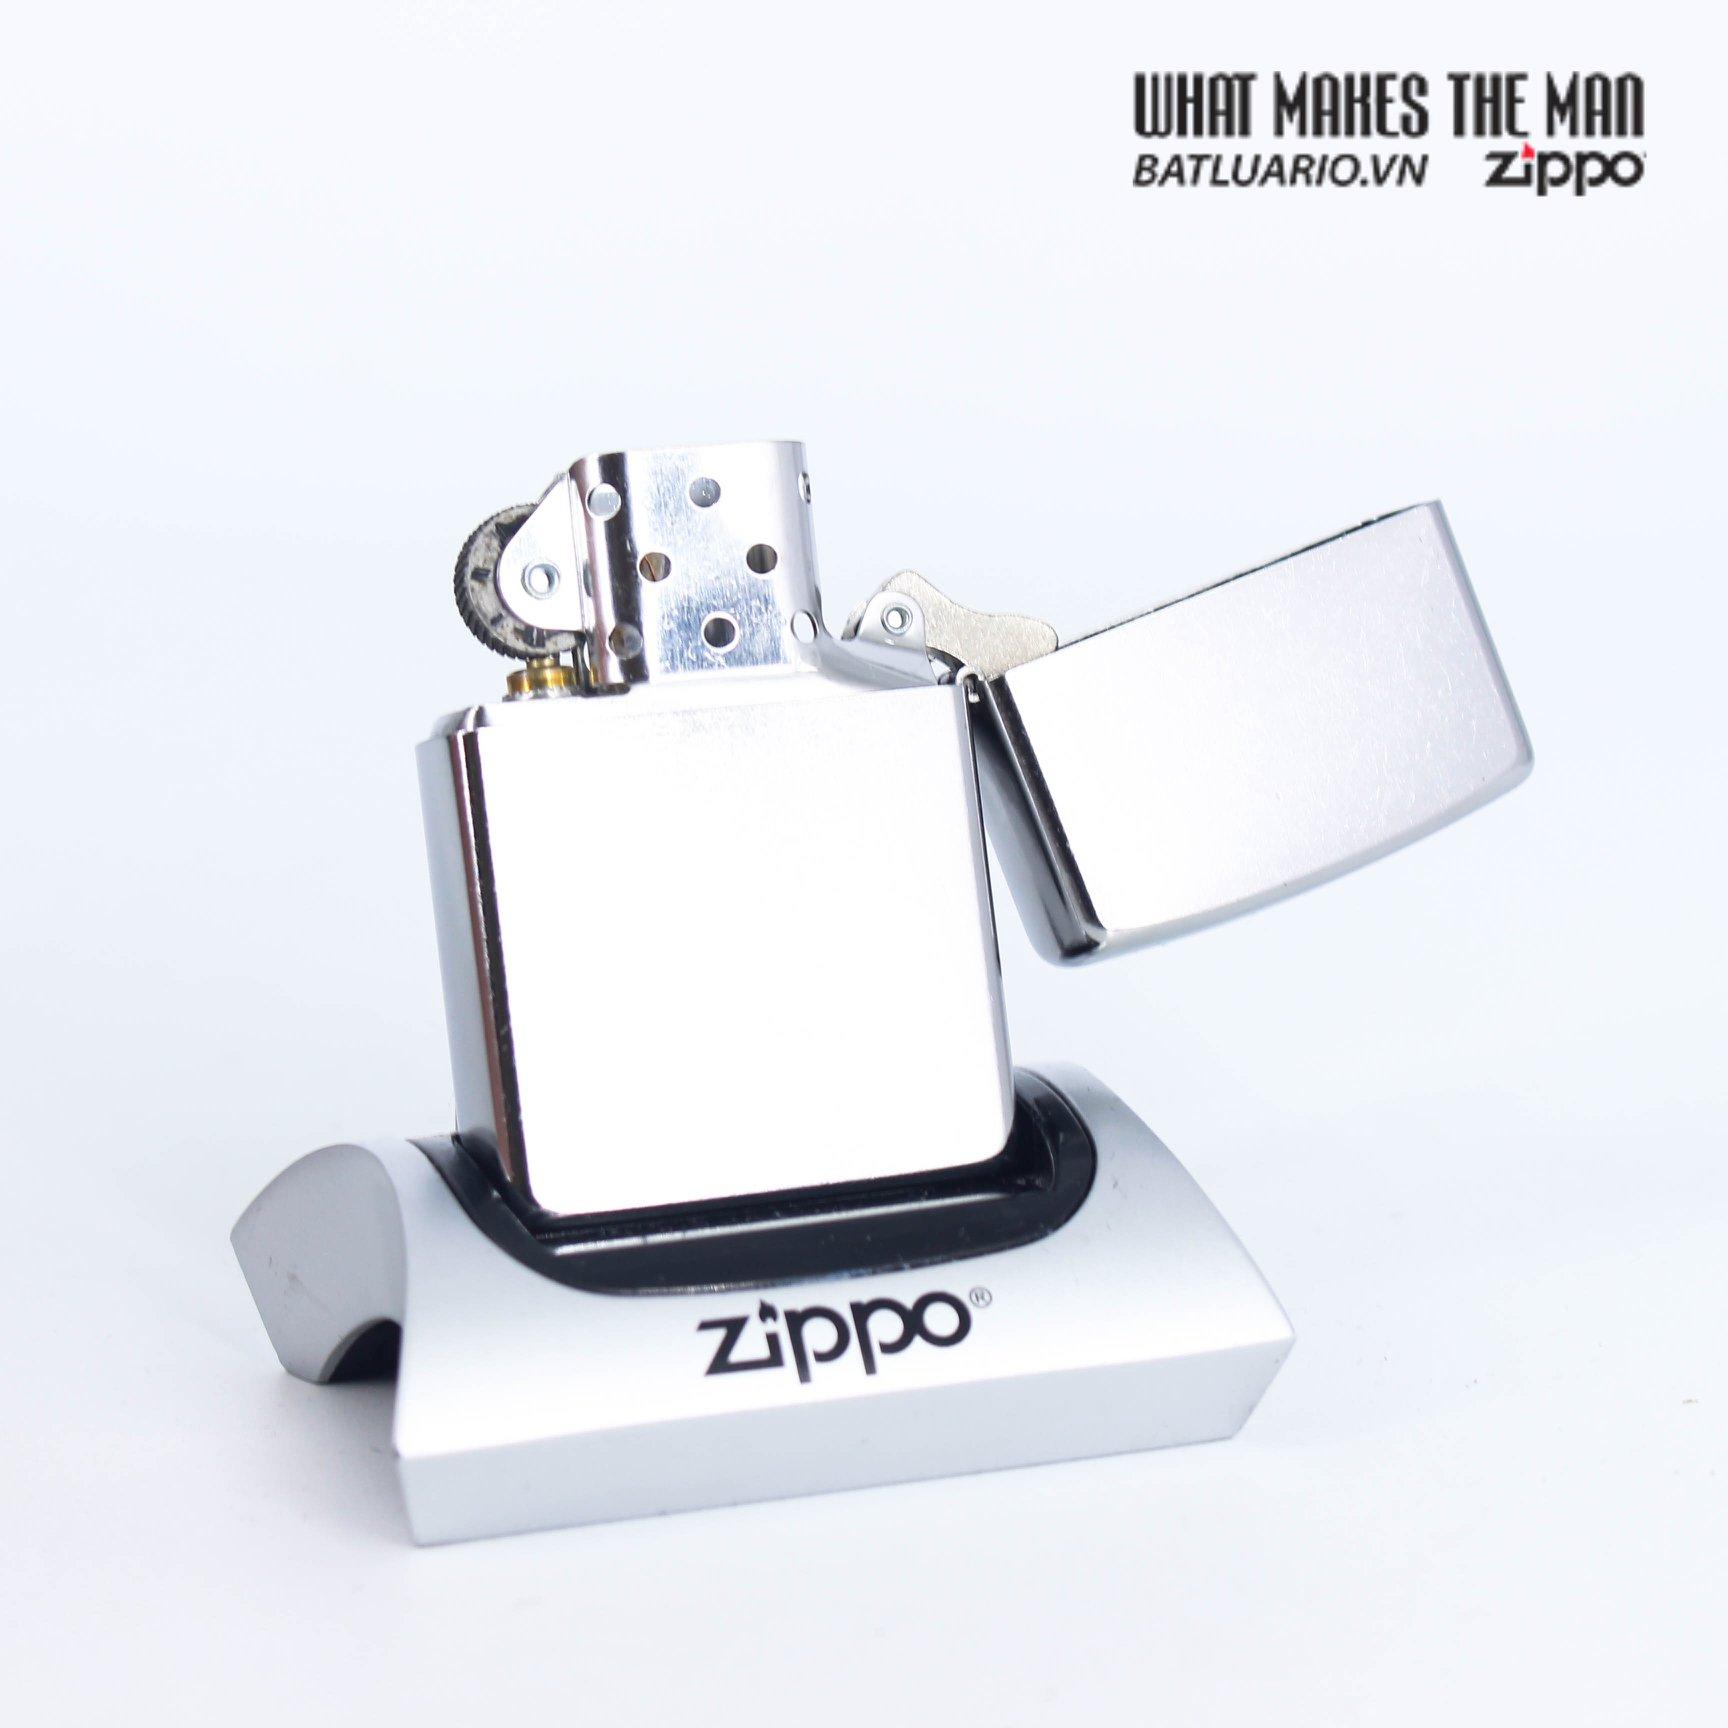 Zippo 49088 - Zippo Spazuk Lion and Rose Design 3